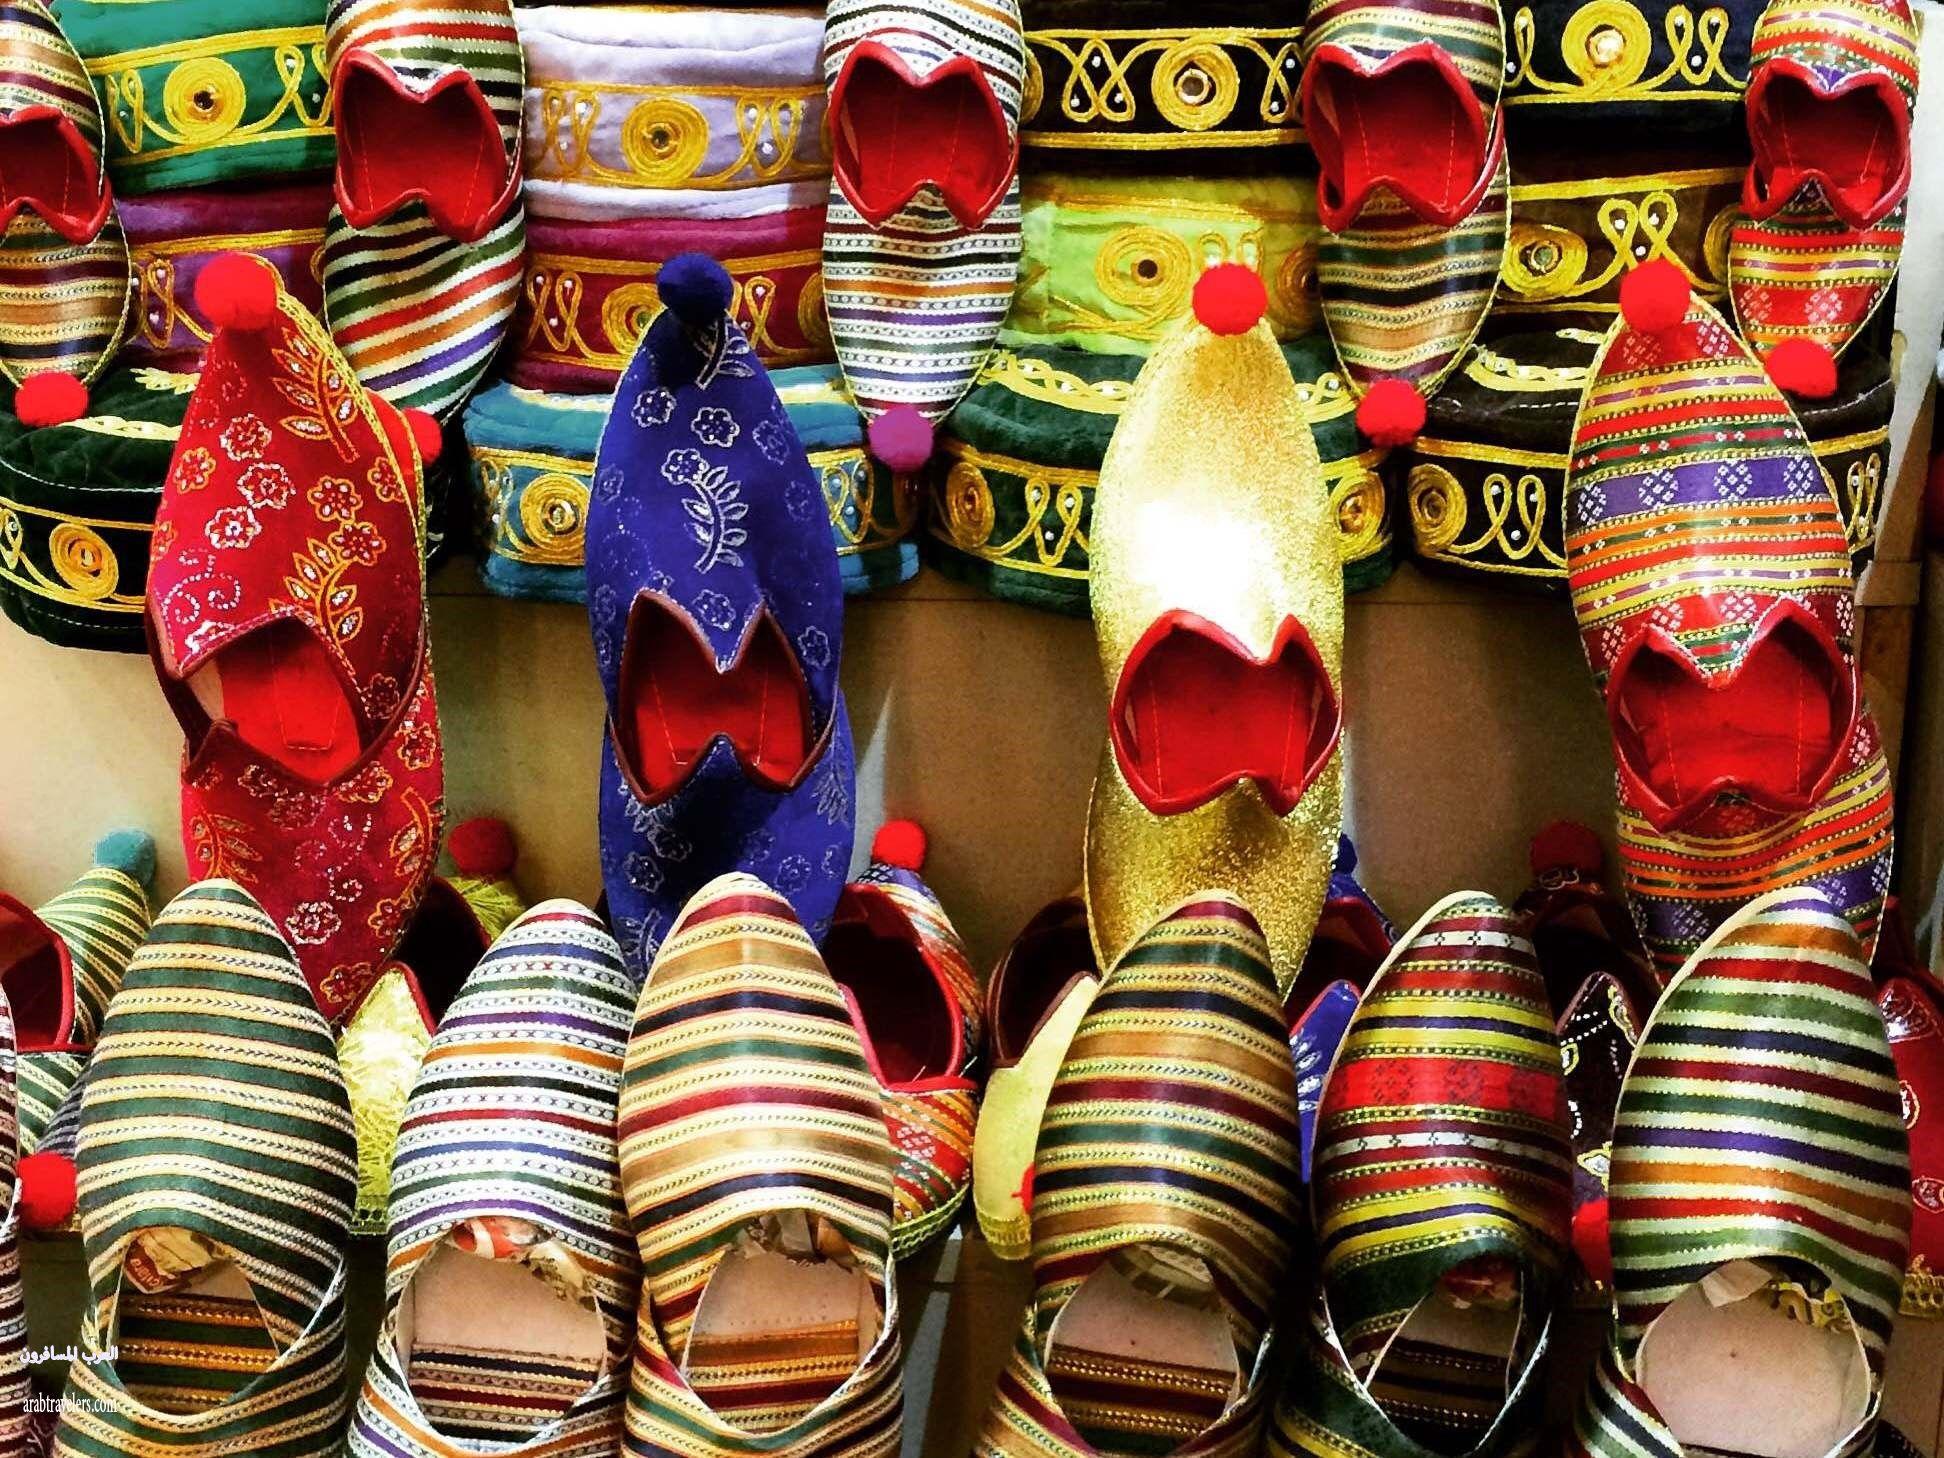 سوق أراستا للمشغولات اليدوية